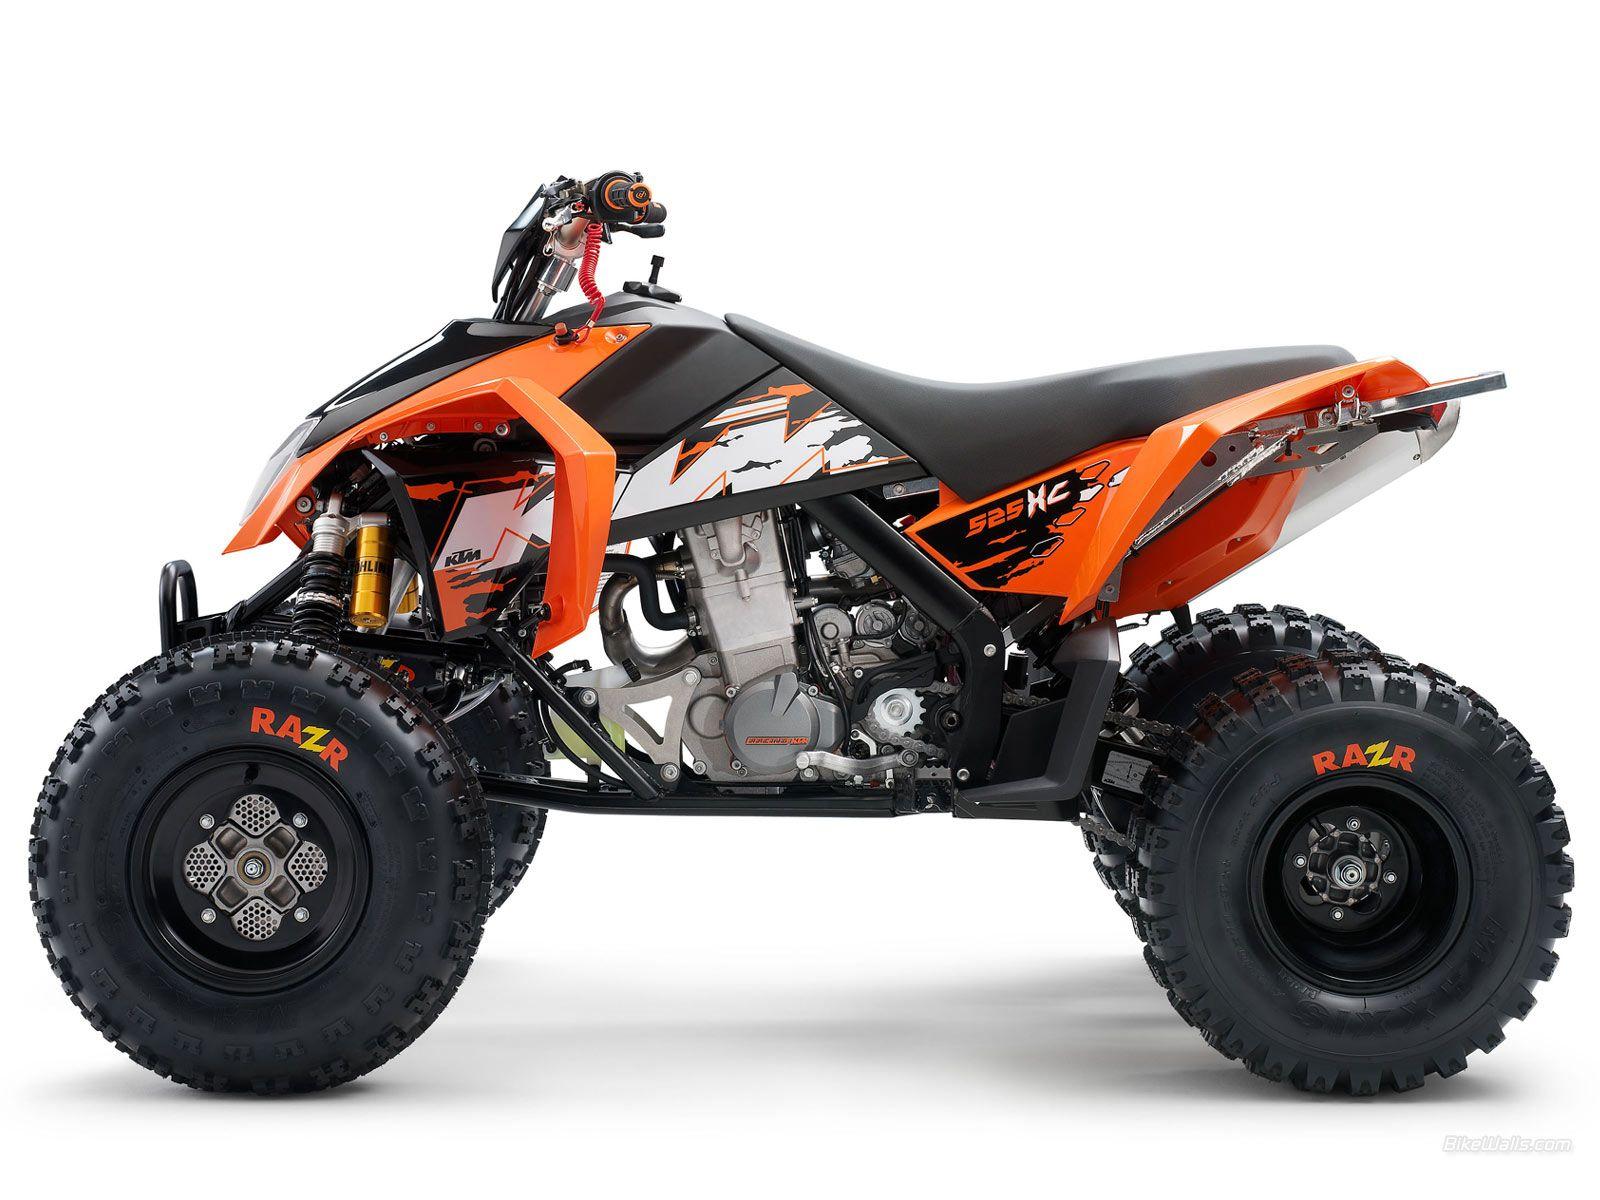 525 Xc Bike Toy Ktm Ktm Atv